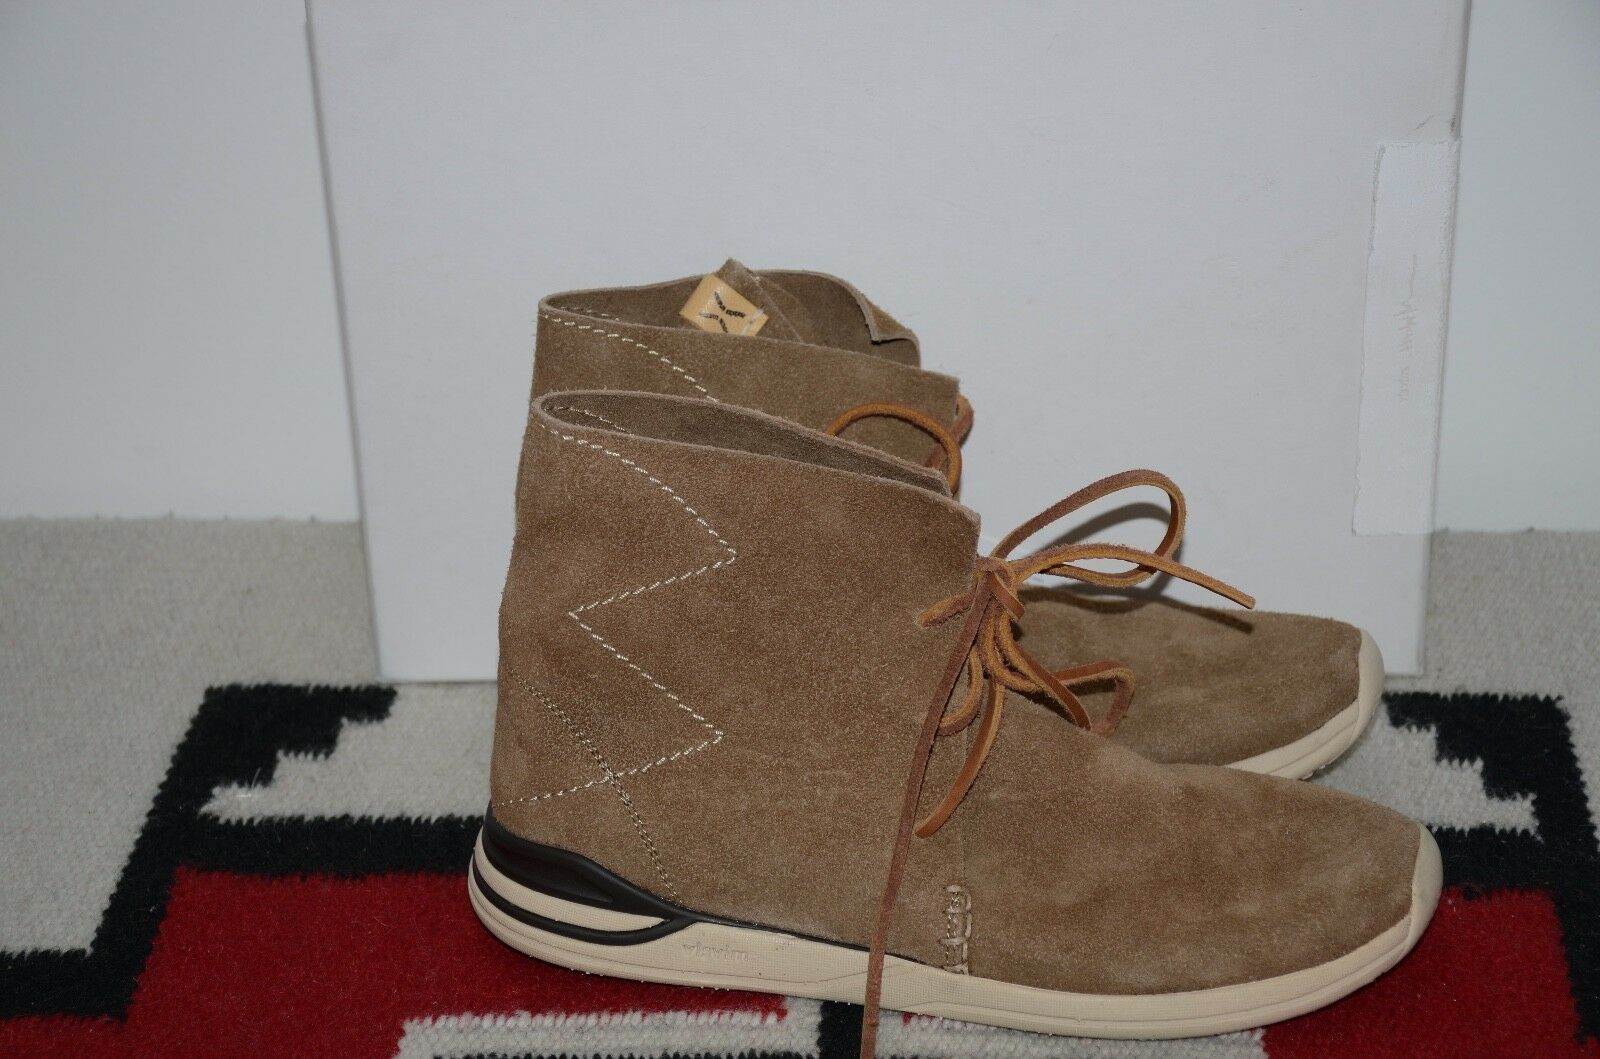 Visvim Huron Moc Hi-Folk Leather Suede Sneaker Boots 9 M